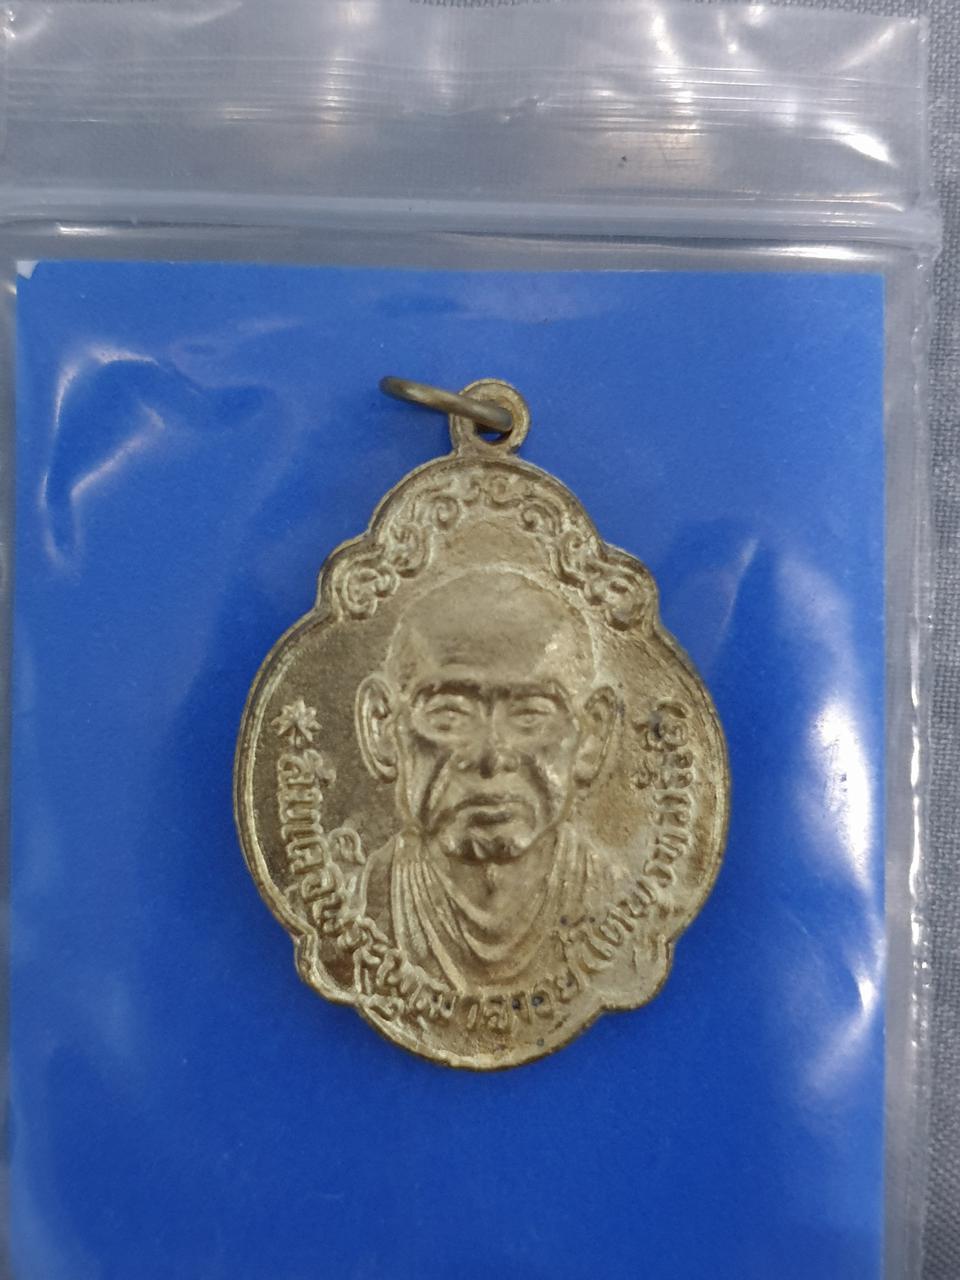 เหรียญสมเด็จพุฒาจารย์ (โต ) หลัง พระเจ้าตากสิน รูปที่ 1